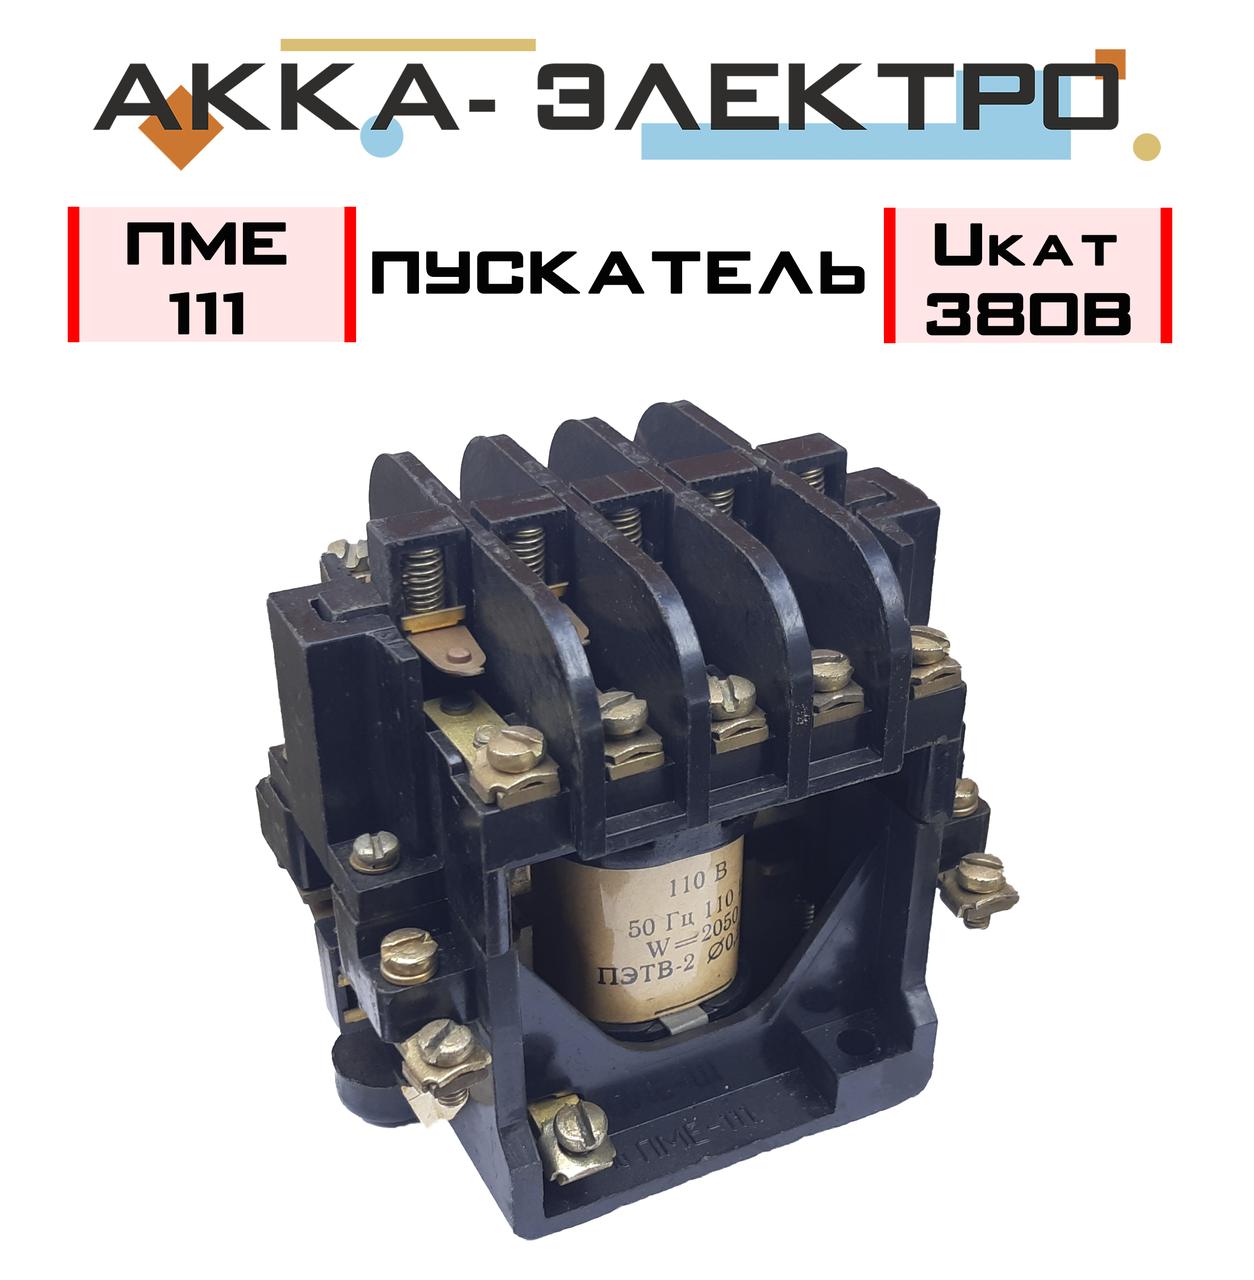 ПМЕ 111 10А котушка (380В)